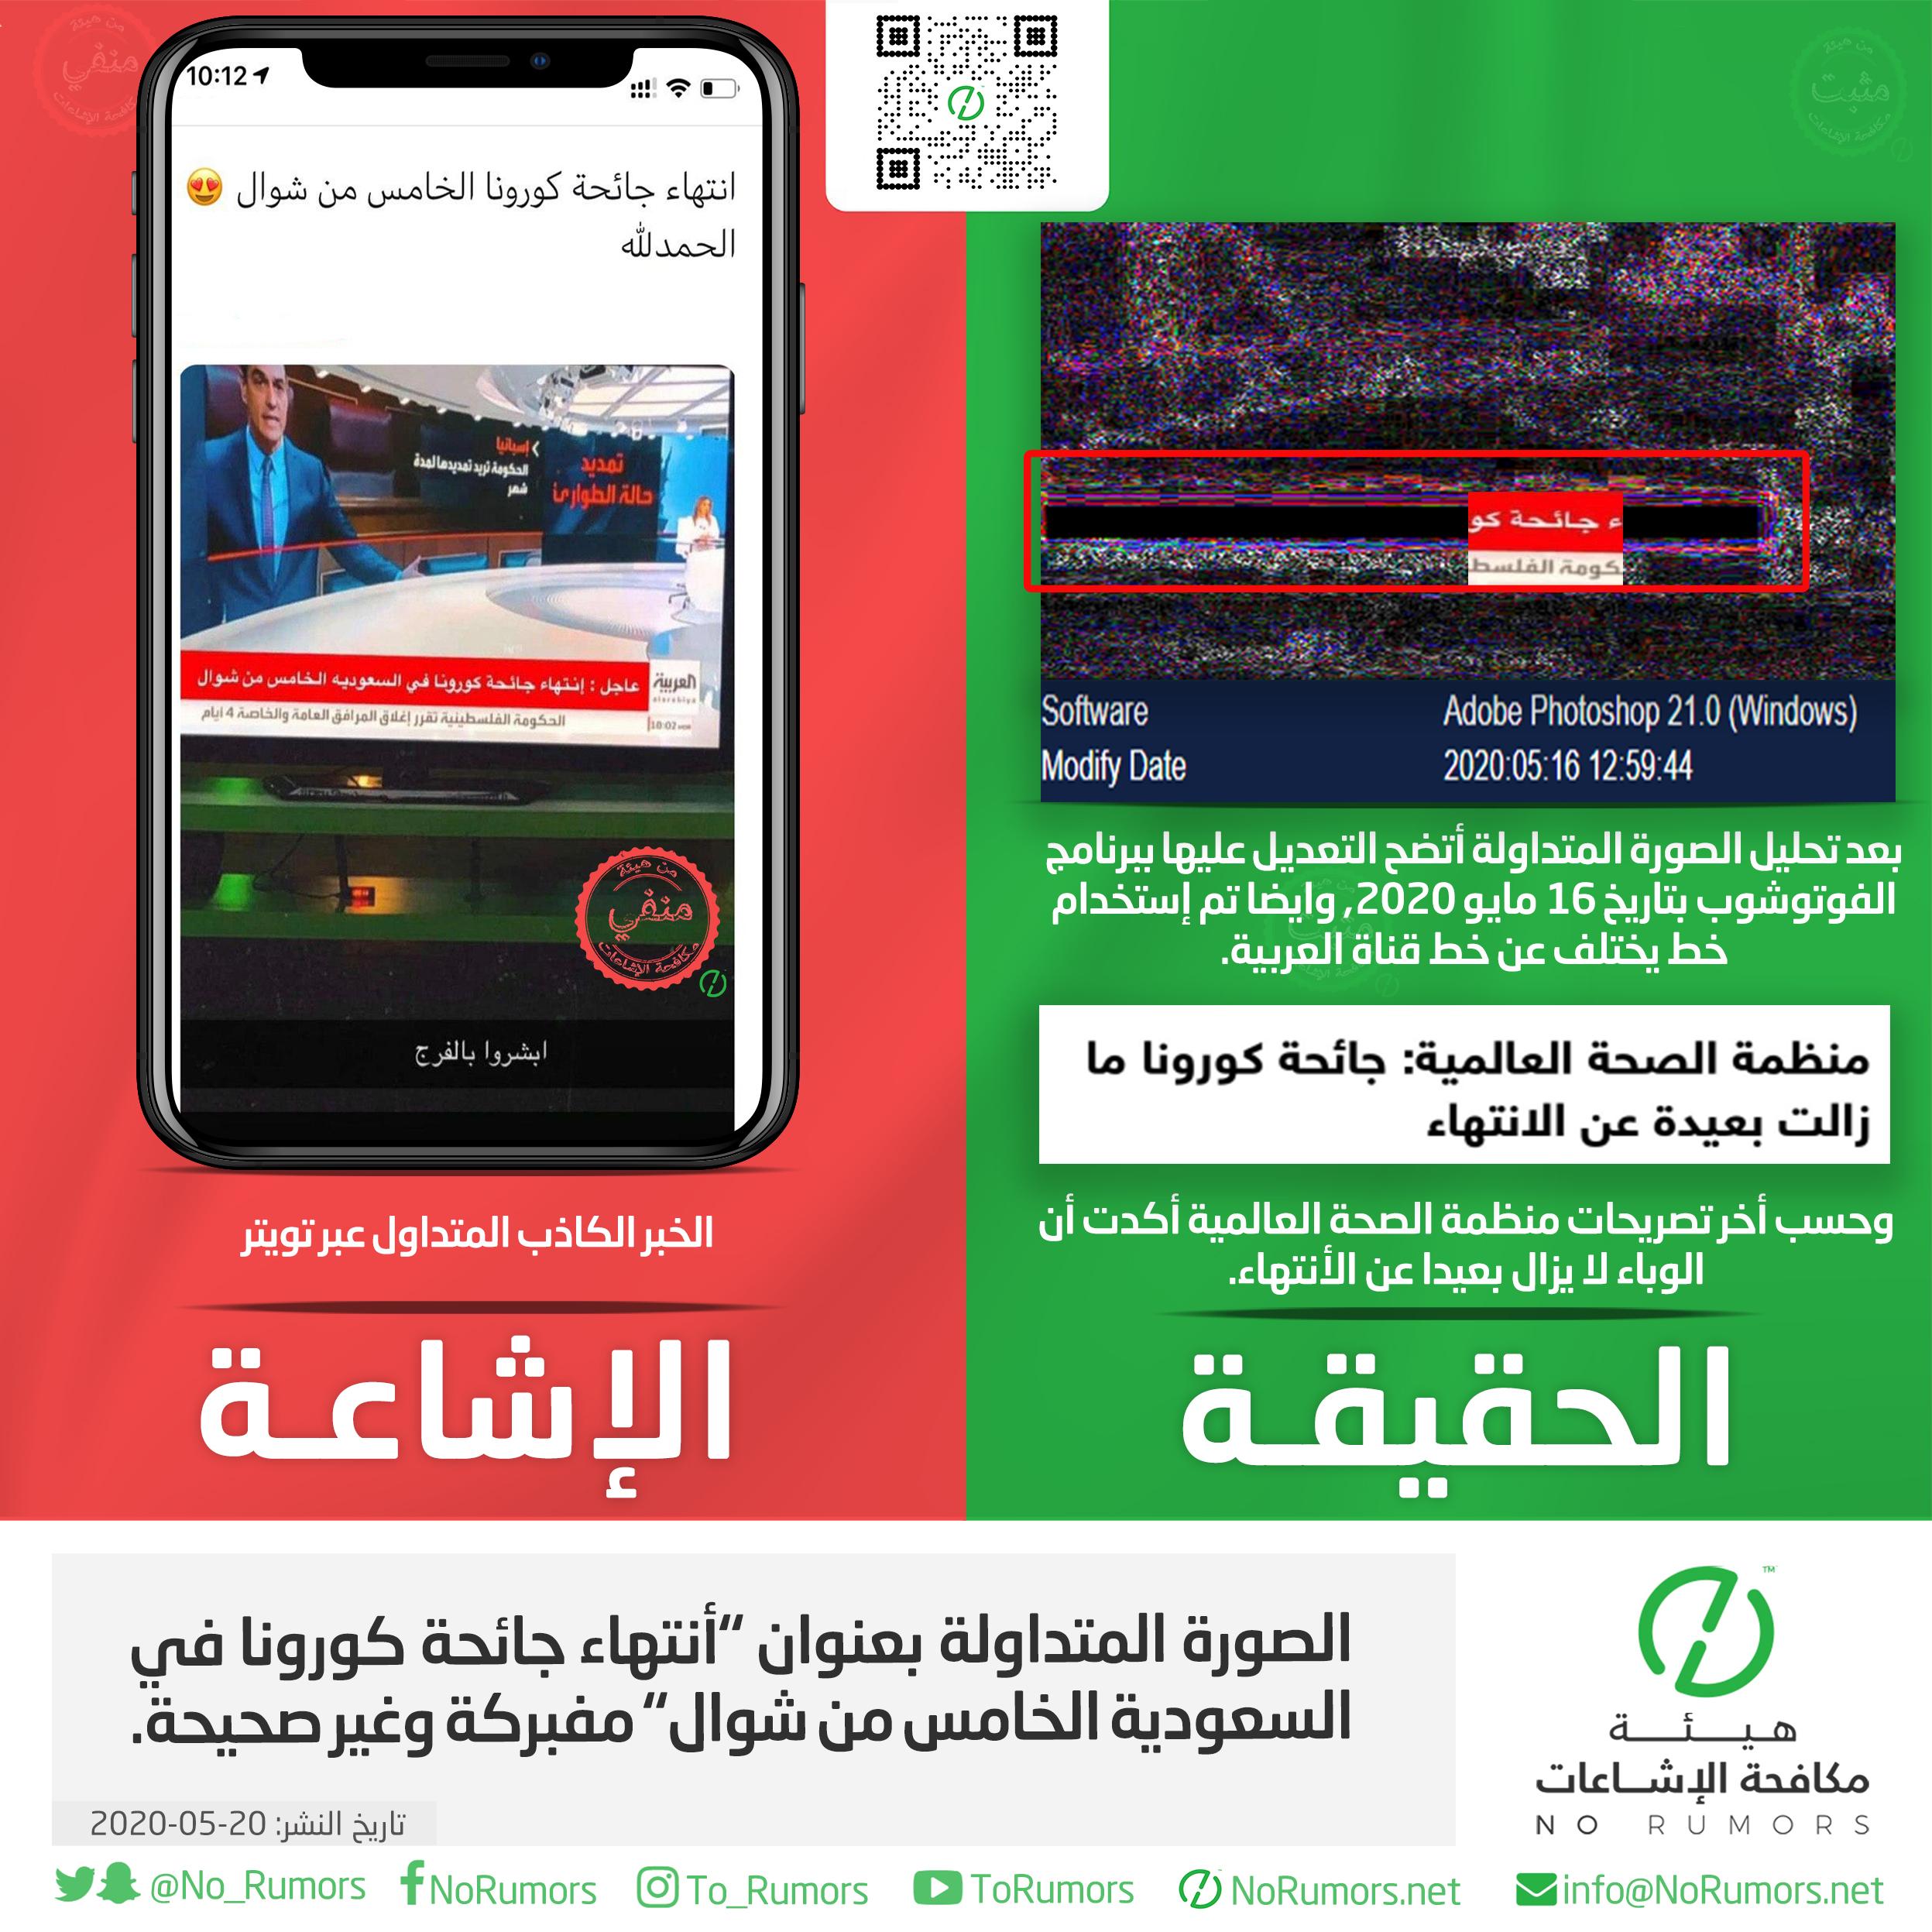 """حقيقة الصورة المتداولة بعنوان """"أنتهاء جائحة كورونا في السعودية الخامس من شوال"""""""